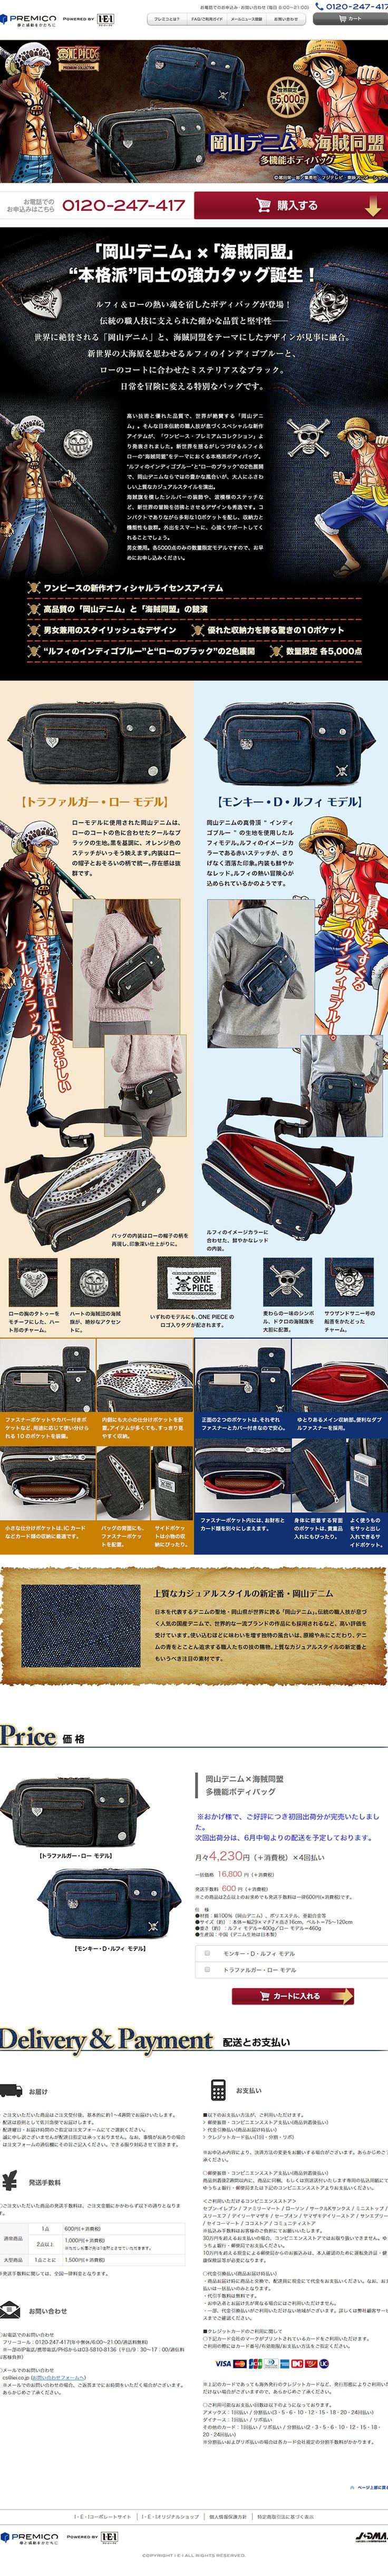 岡山デニム×海賊同盟 多機能ボディバッグ|WEBデザイナーさん必見!ランディングページのデザイン参考に(マンガ使用系)